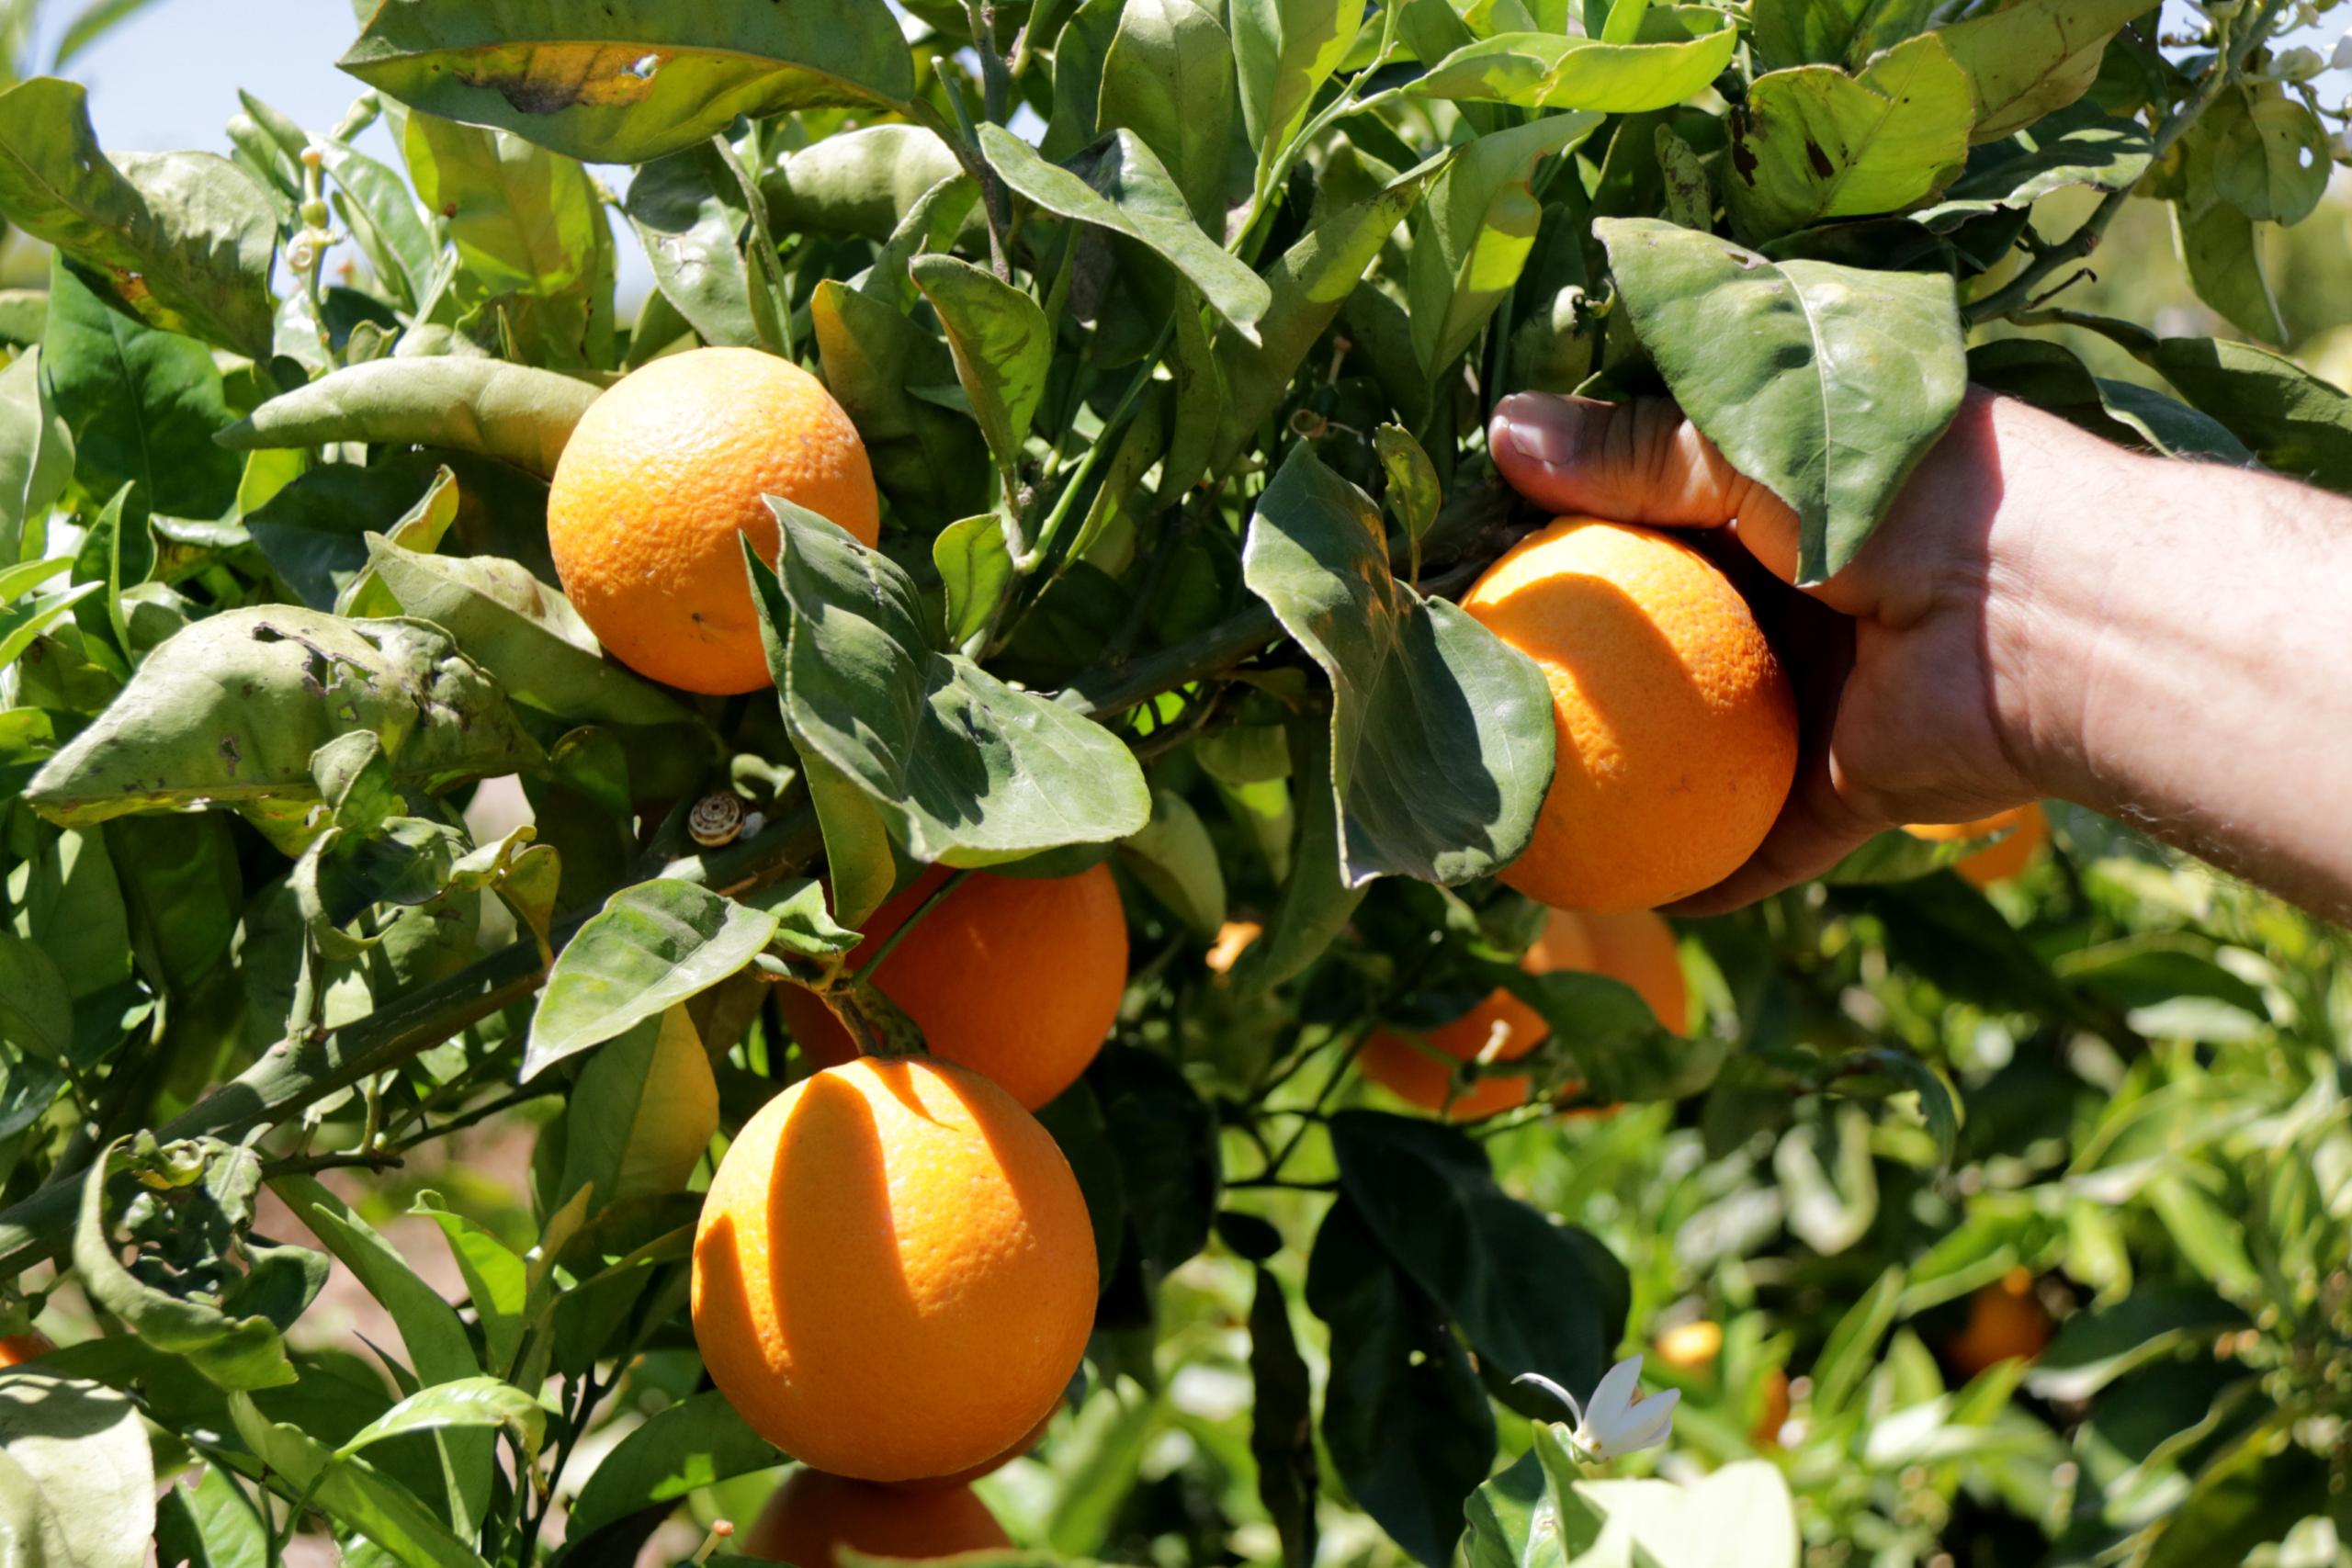 Taronges a l'arbre pendents de collir   ACN